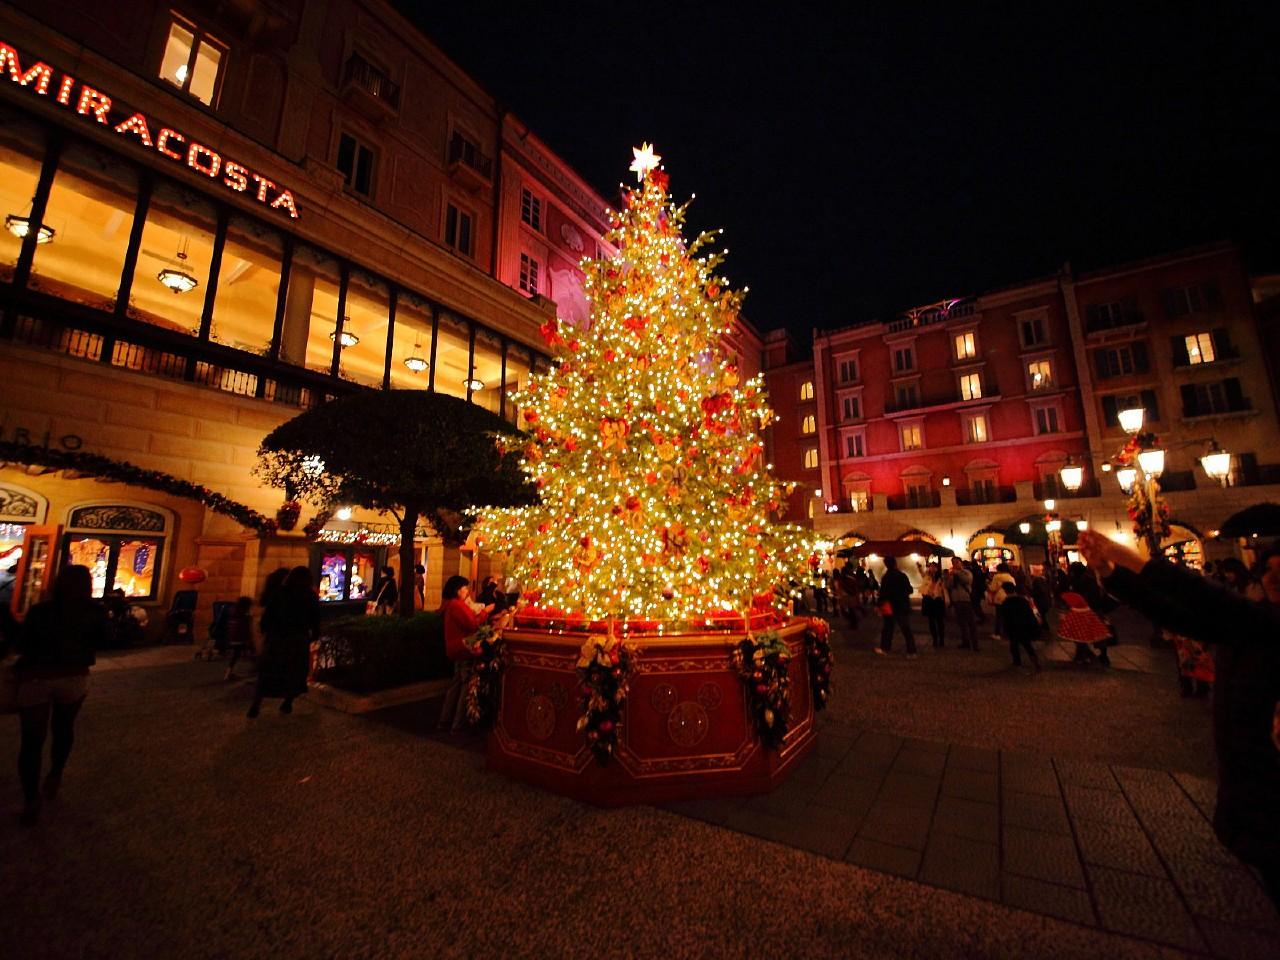 東京ディズニーシー・クリスマス ウィッシュ2011 夜景写真